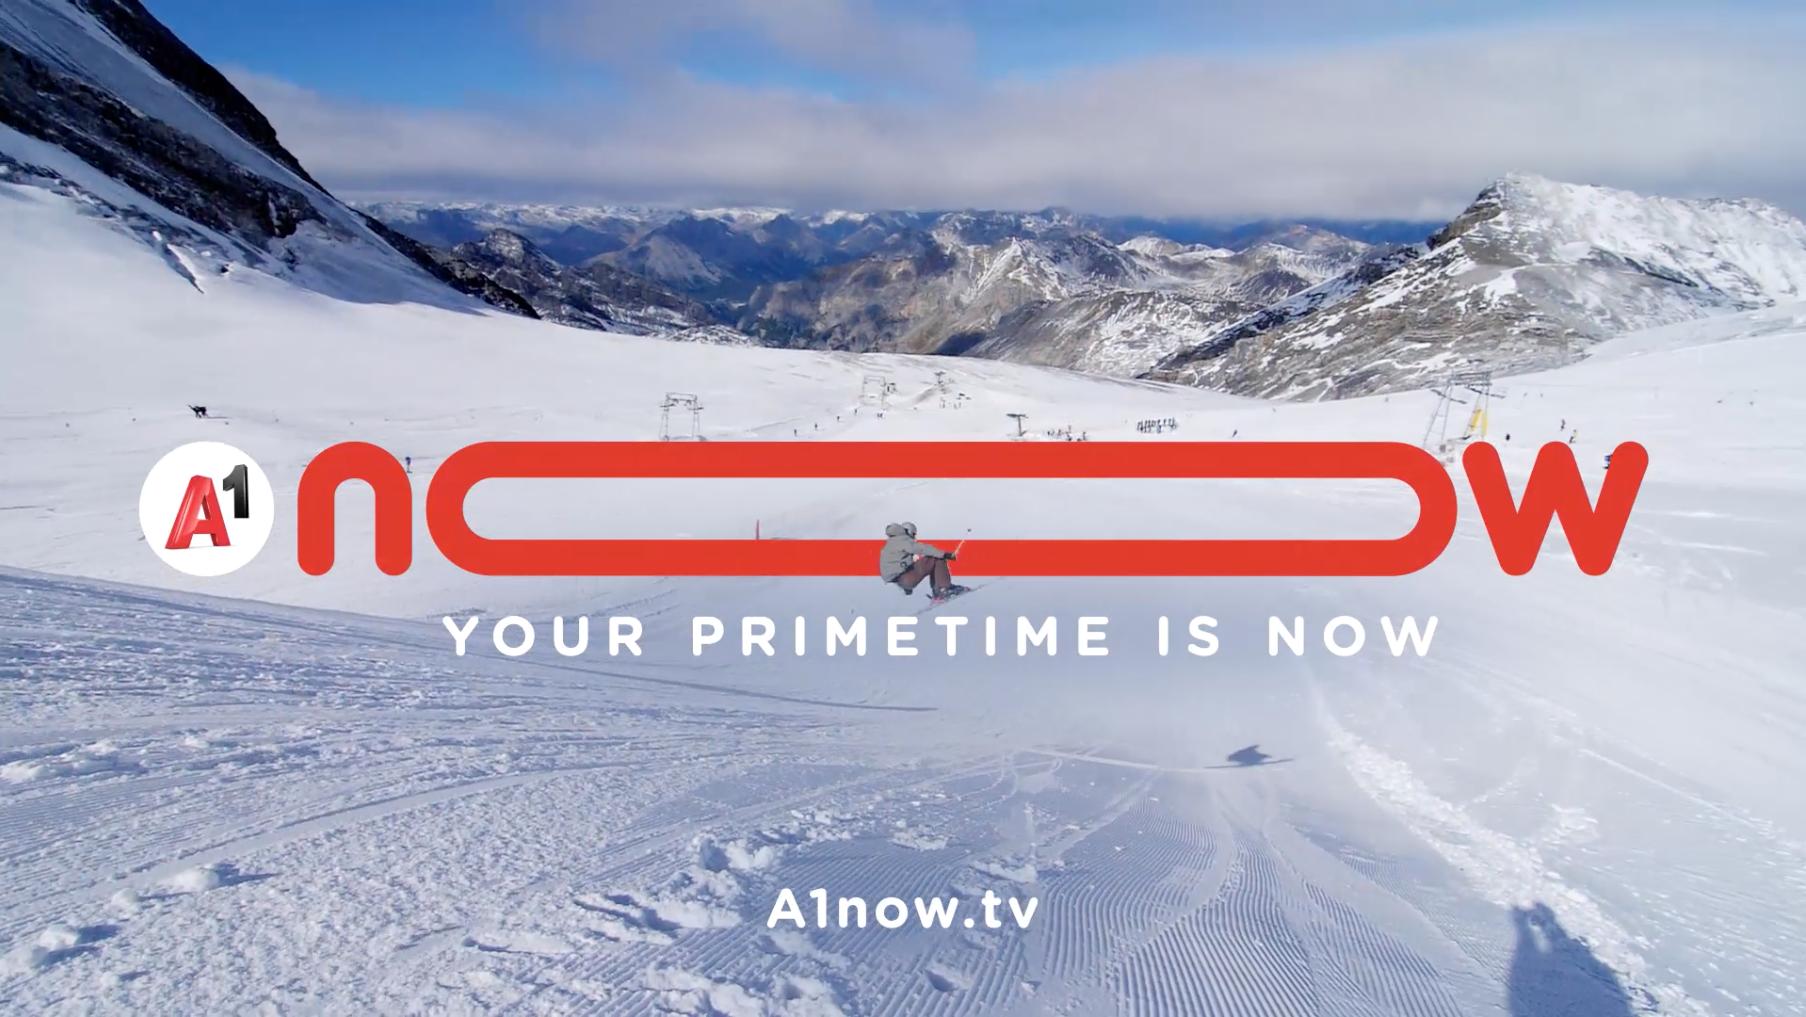 Claim für A1now.tv